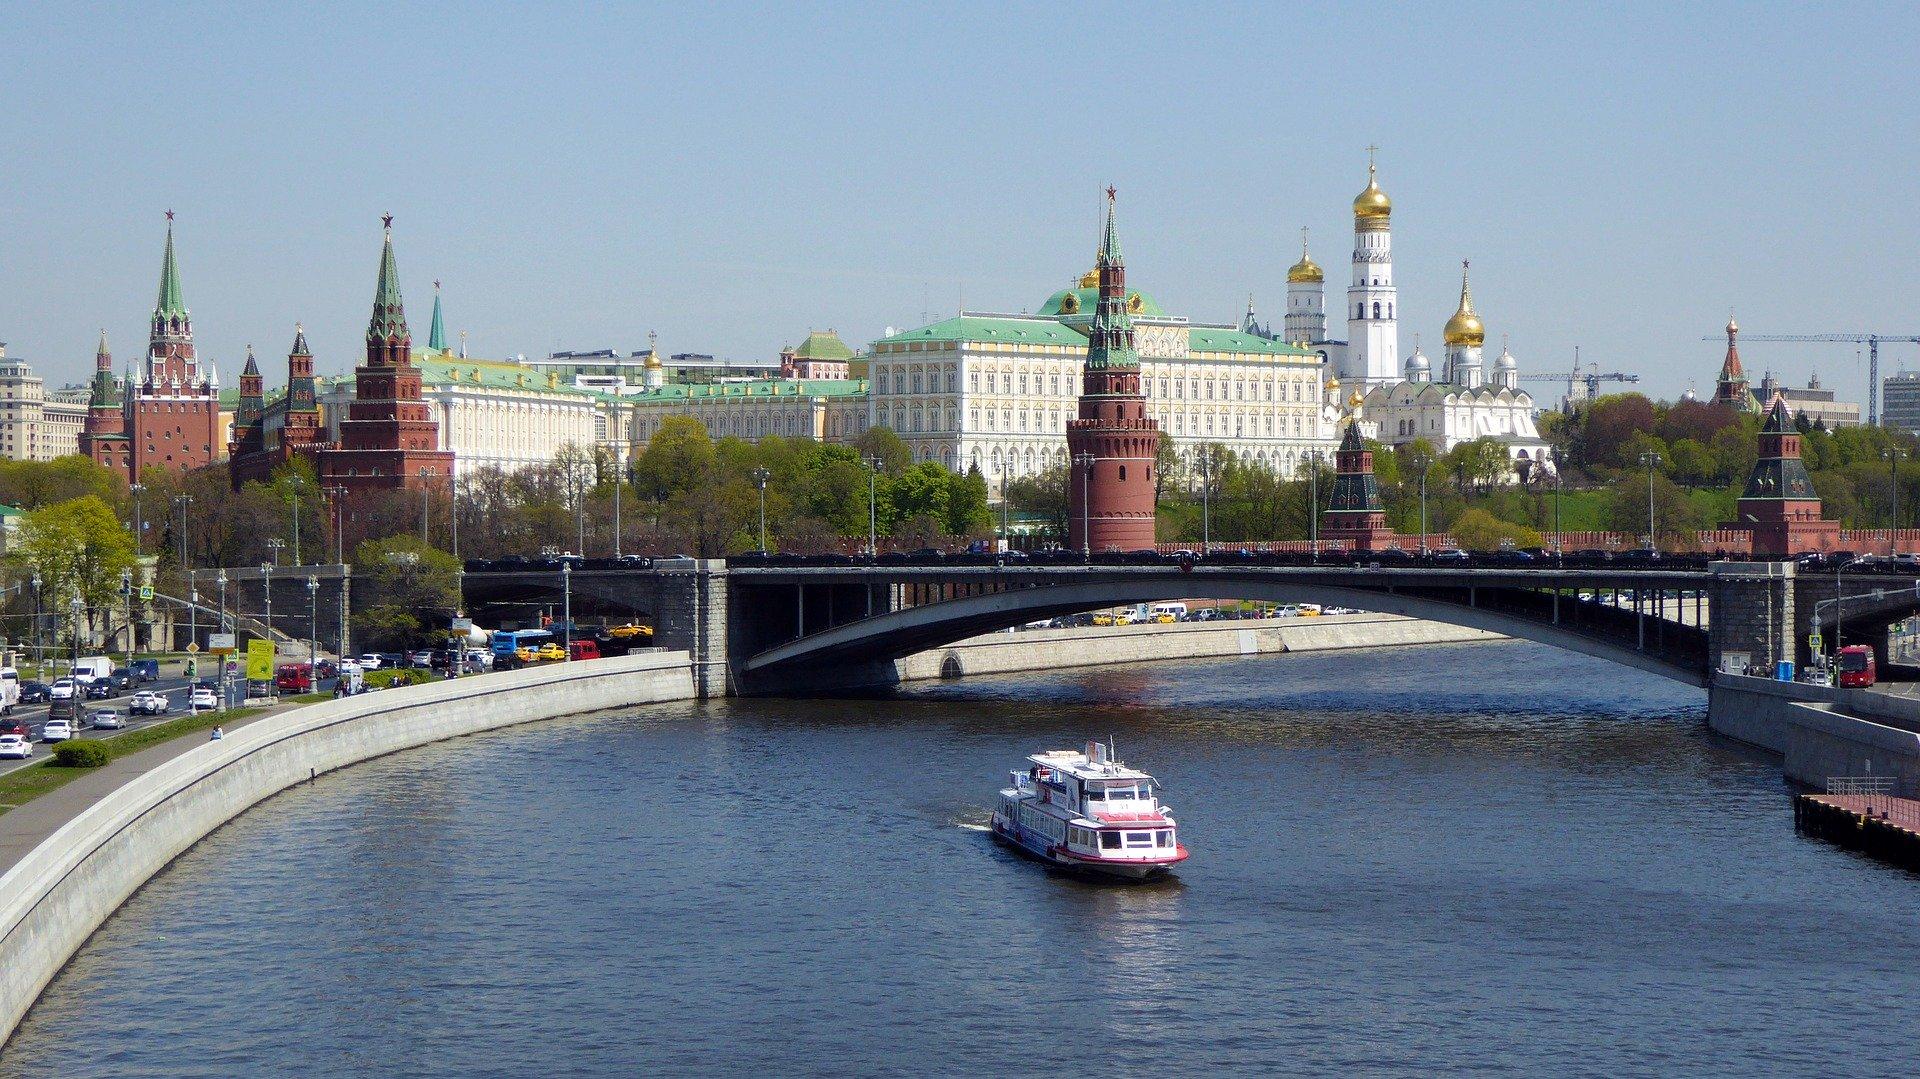 שייט נהרות: וולגה - סנט פטרסבורג - מוסקבה    3.9.20   2090 דולר   11 ימים, 10 לילות   MS CRUCELAKE